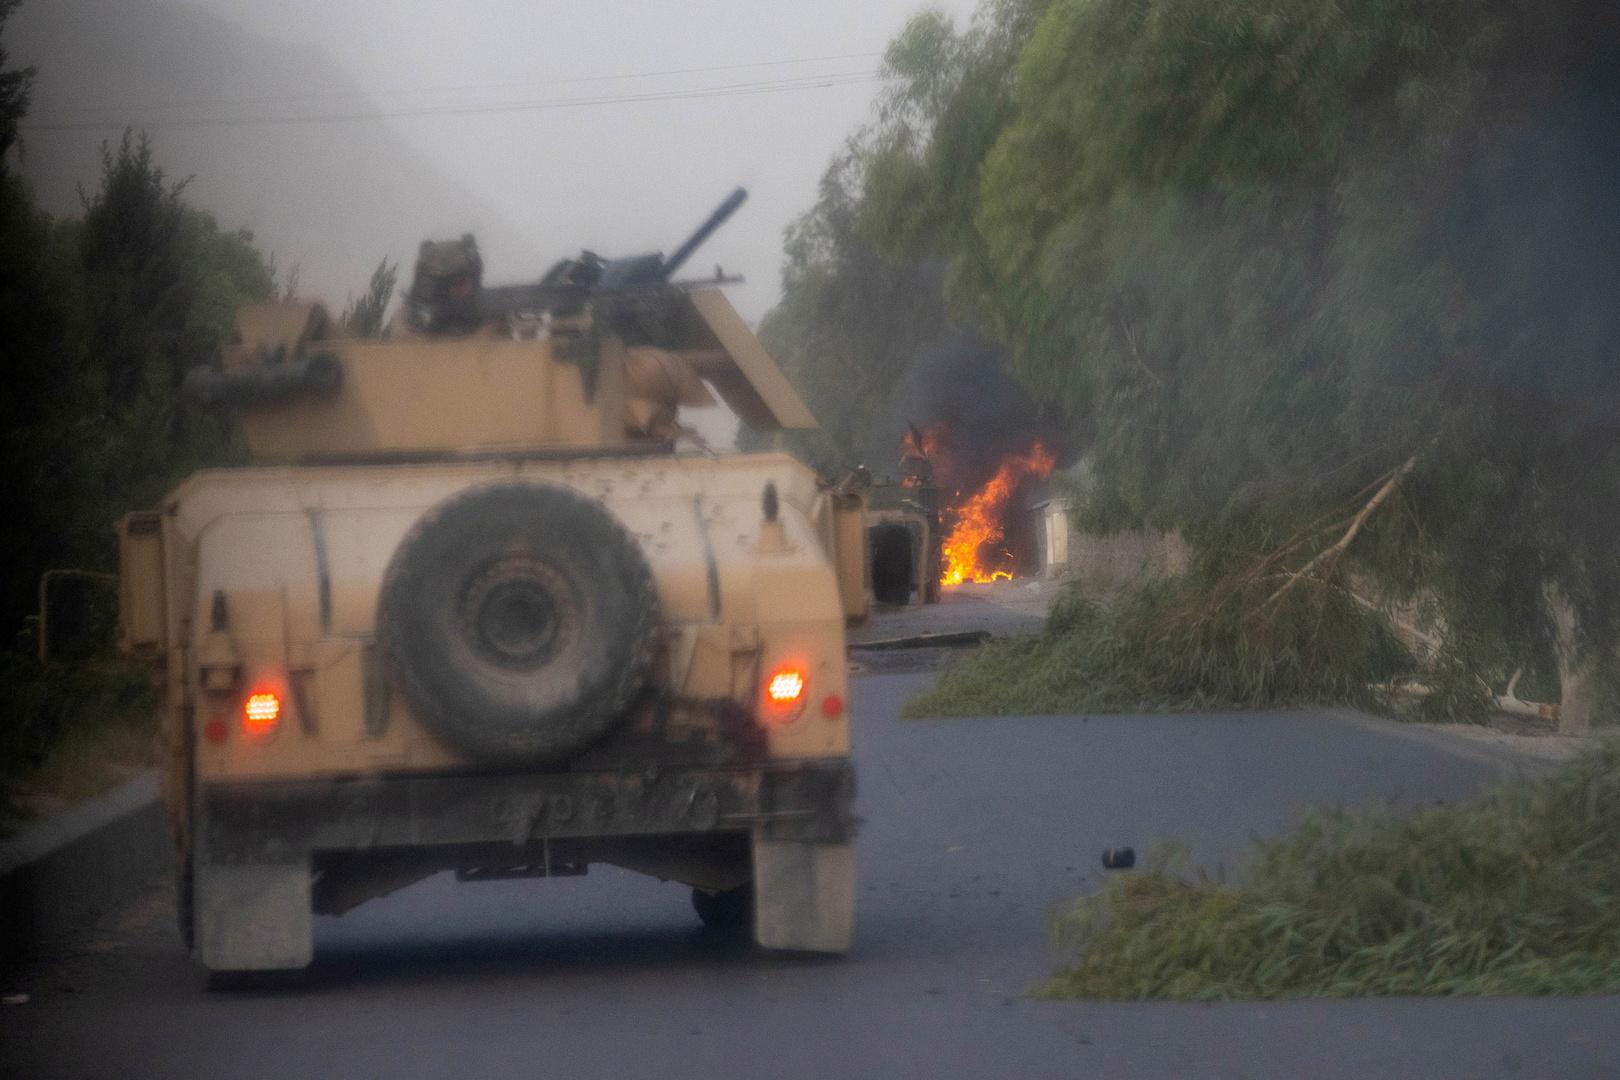 الولايات المتحدة وبريطانيا تتهمان طالبان بقتل مدنيين في سبين بولداك